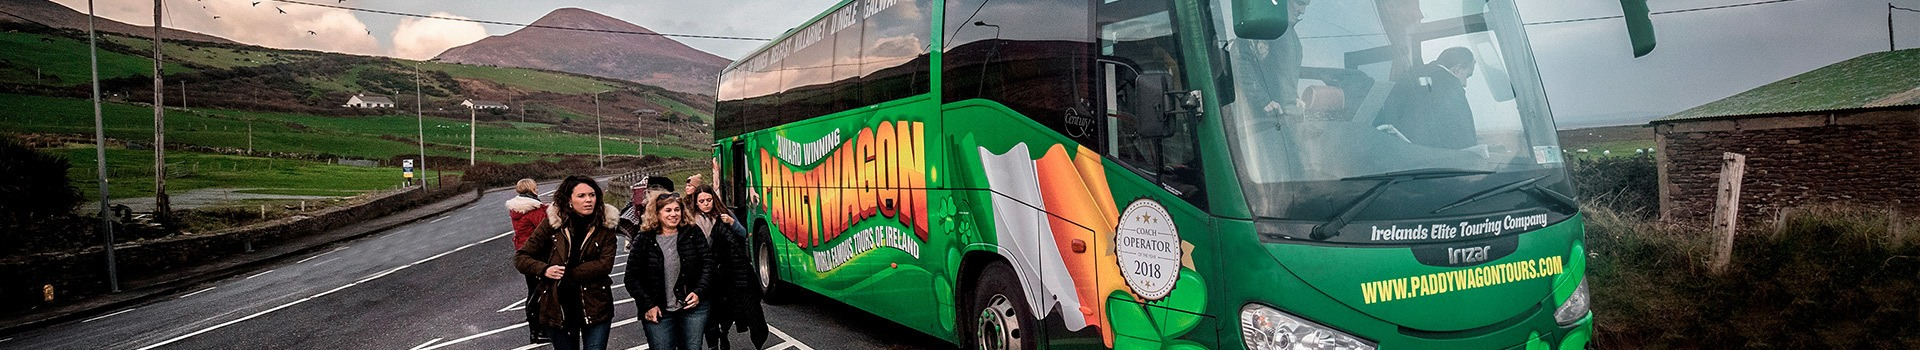 Descubre Excursiones Irlanda